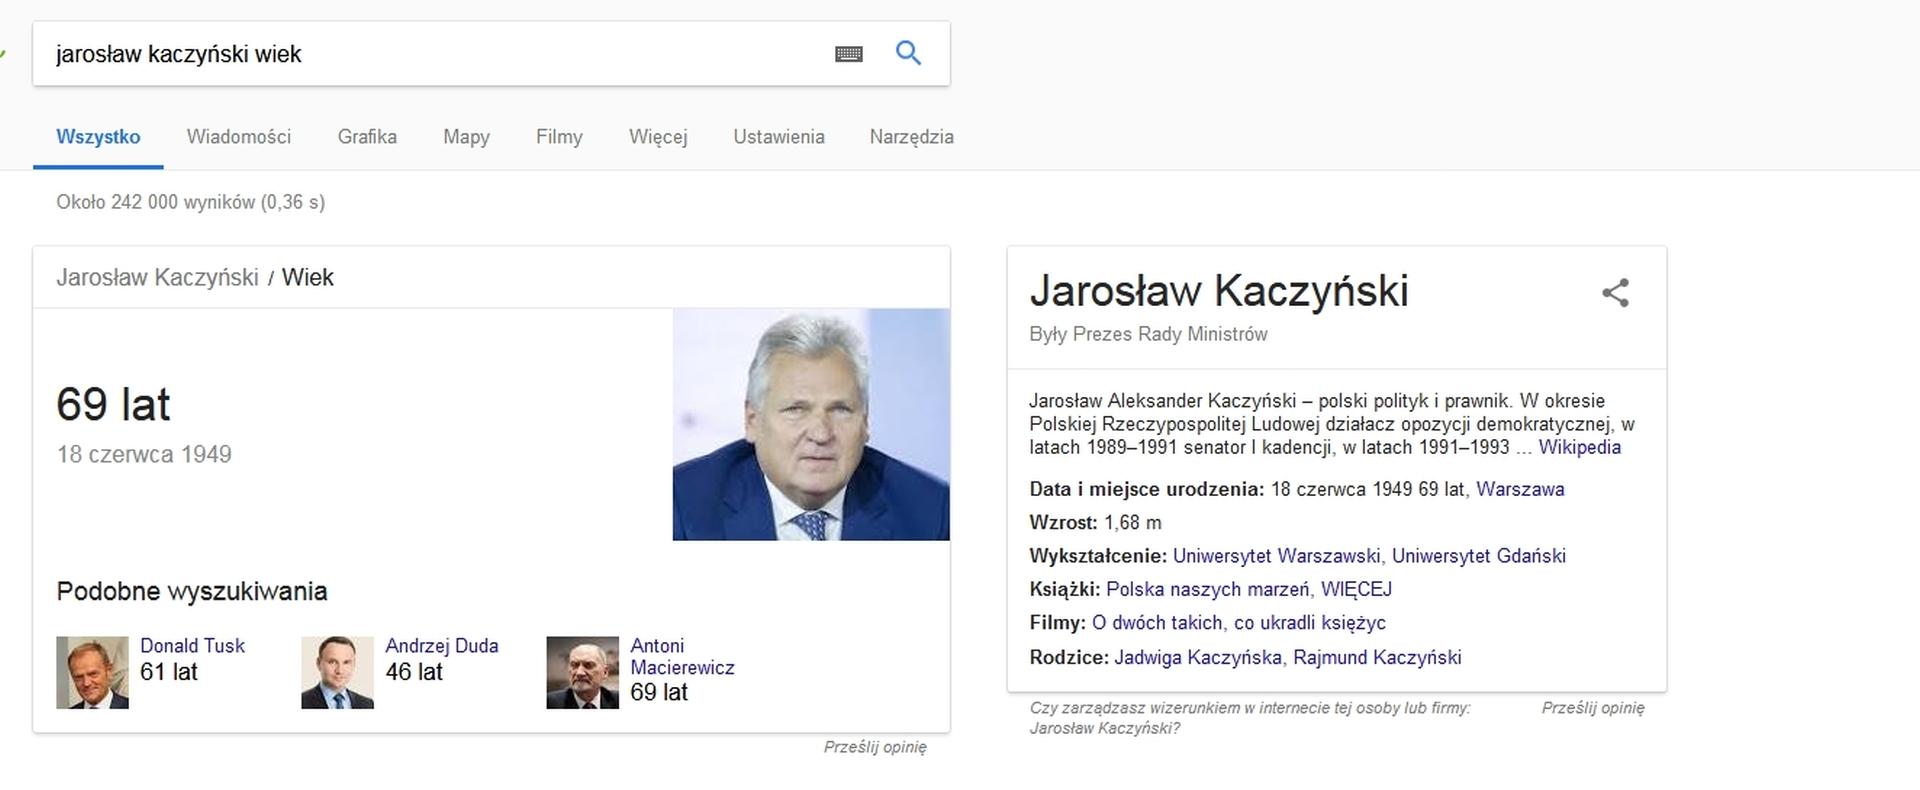 Screenshot-2018-6-22 jarosław kaczyński wiek - Szukaj w Google.jpg